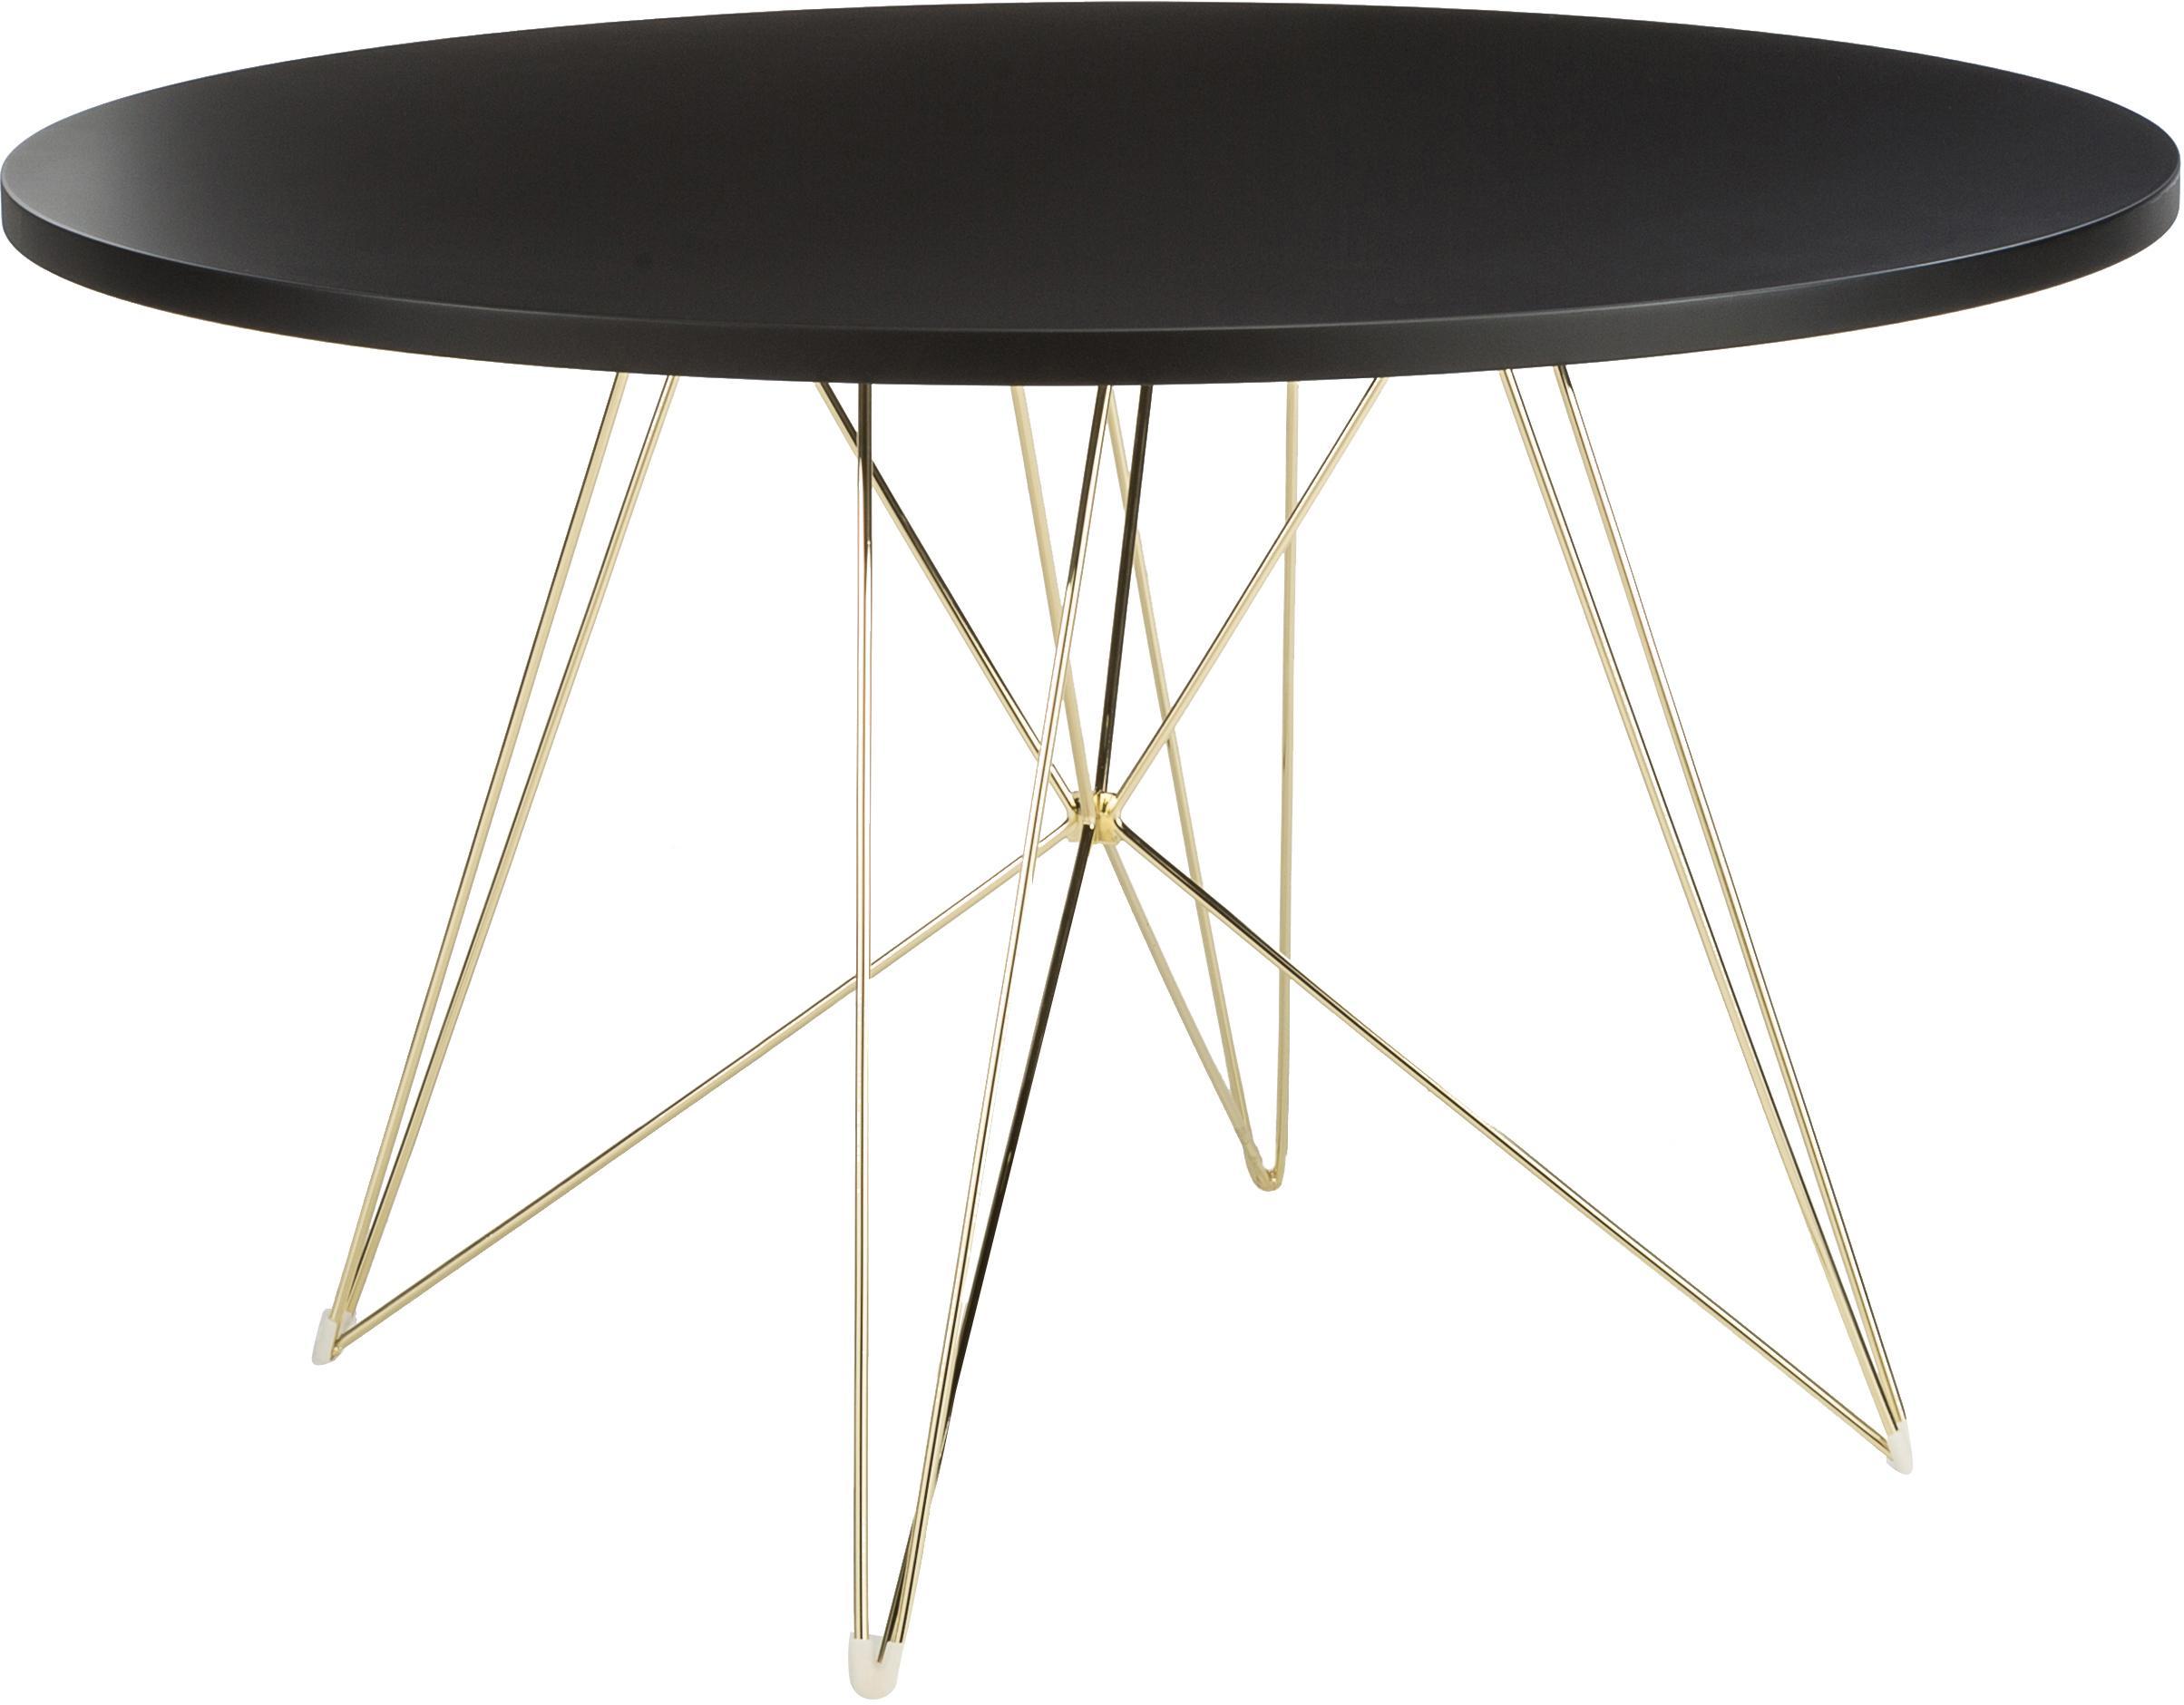 Table ronde avec tréteaux XZ3, Laiton